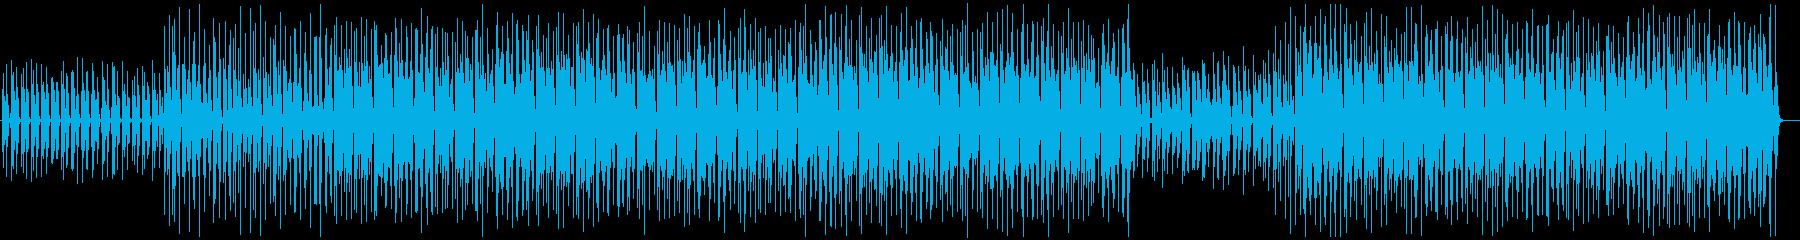 散歩・楽しい・幸せ・ウクレレ・口笛の再生済みの波形